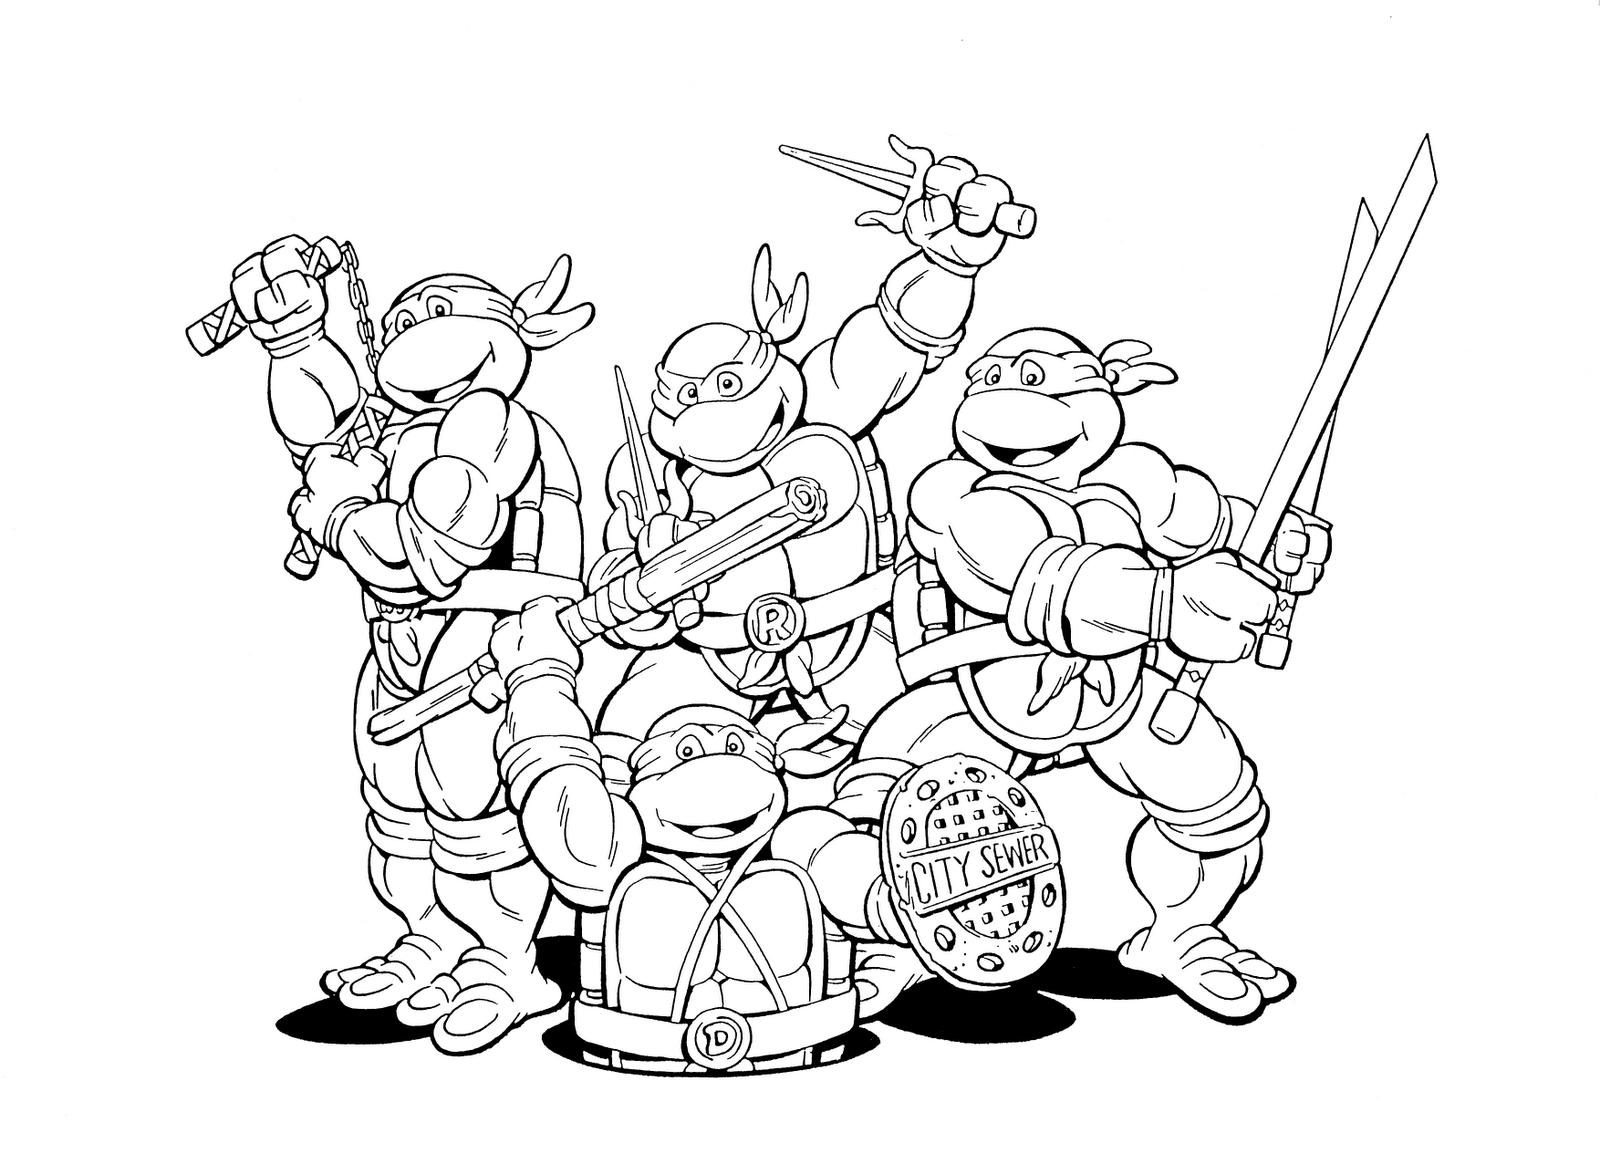 printable ninja turtle teenage mutant ninja turtles printable coloring pages ninja turtle printable